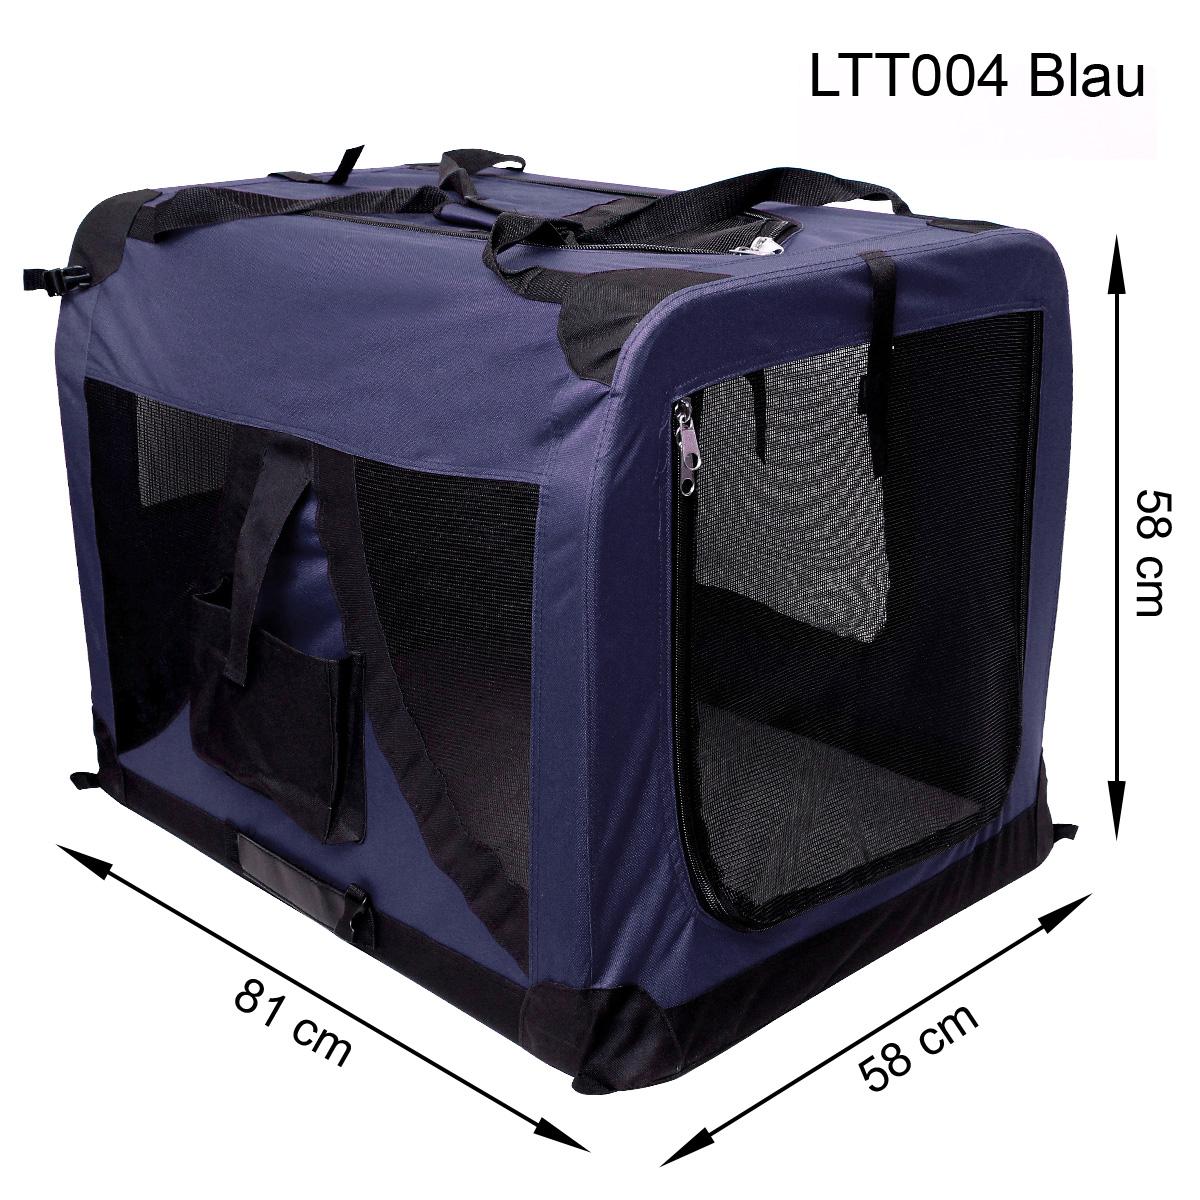 faltbare transportbox schlafplatz f r hund und katzen auto transport box ebay. Black Bedroom Furniture Sets. Home Design Ideas